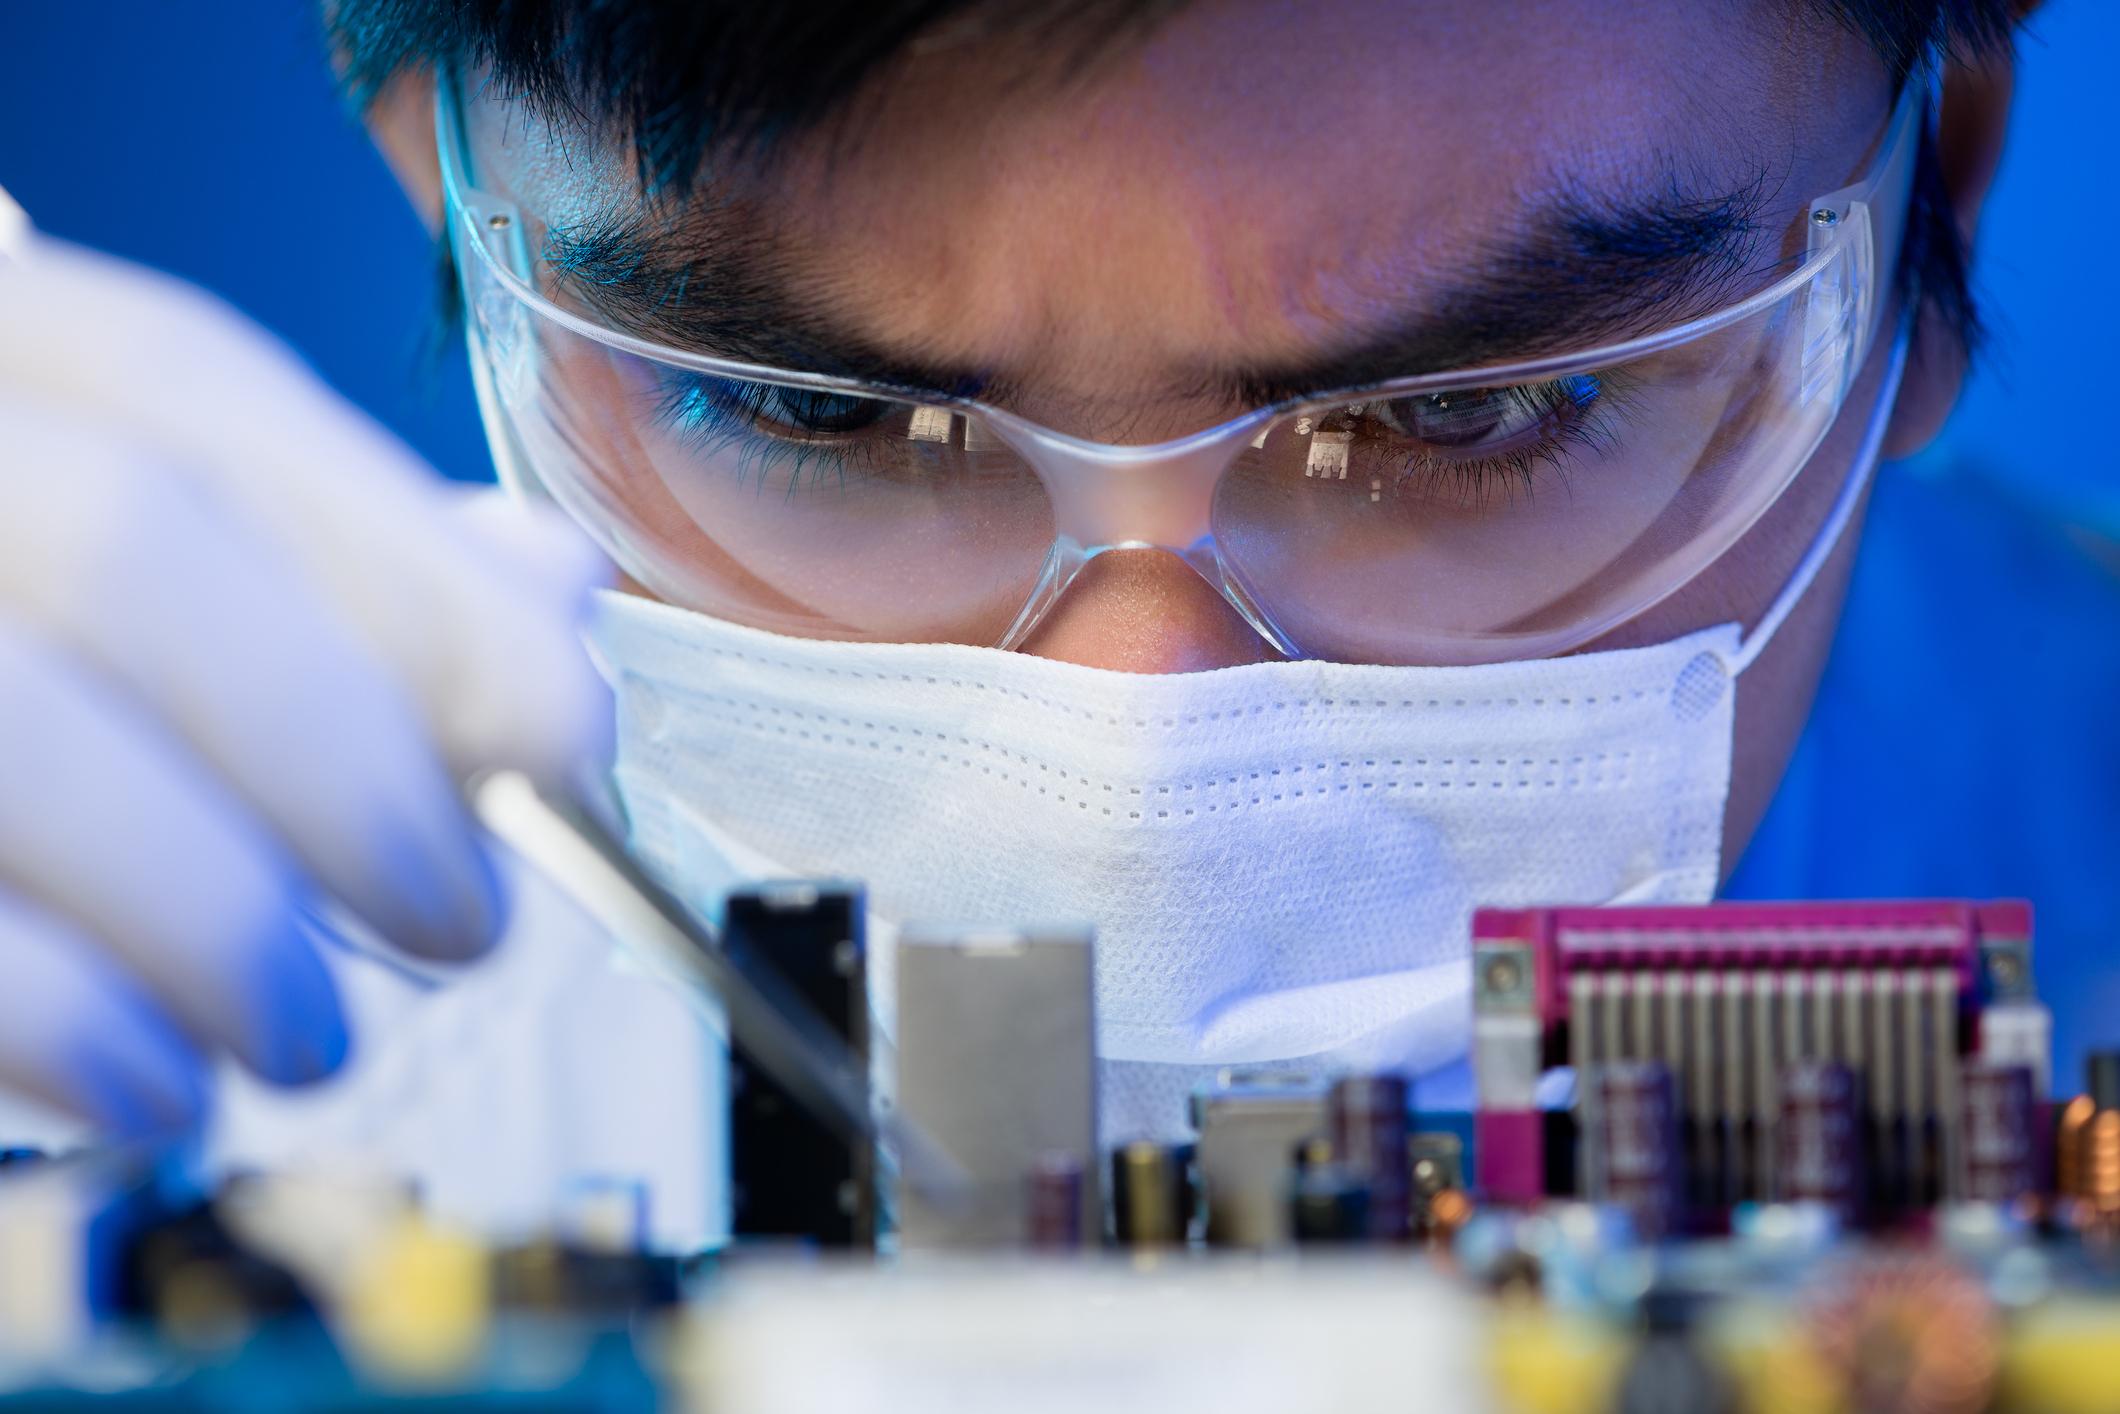 An engineer assembles a computer chip.